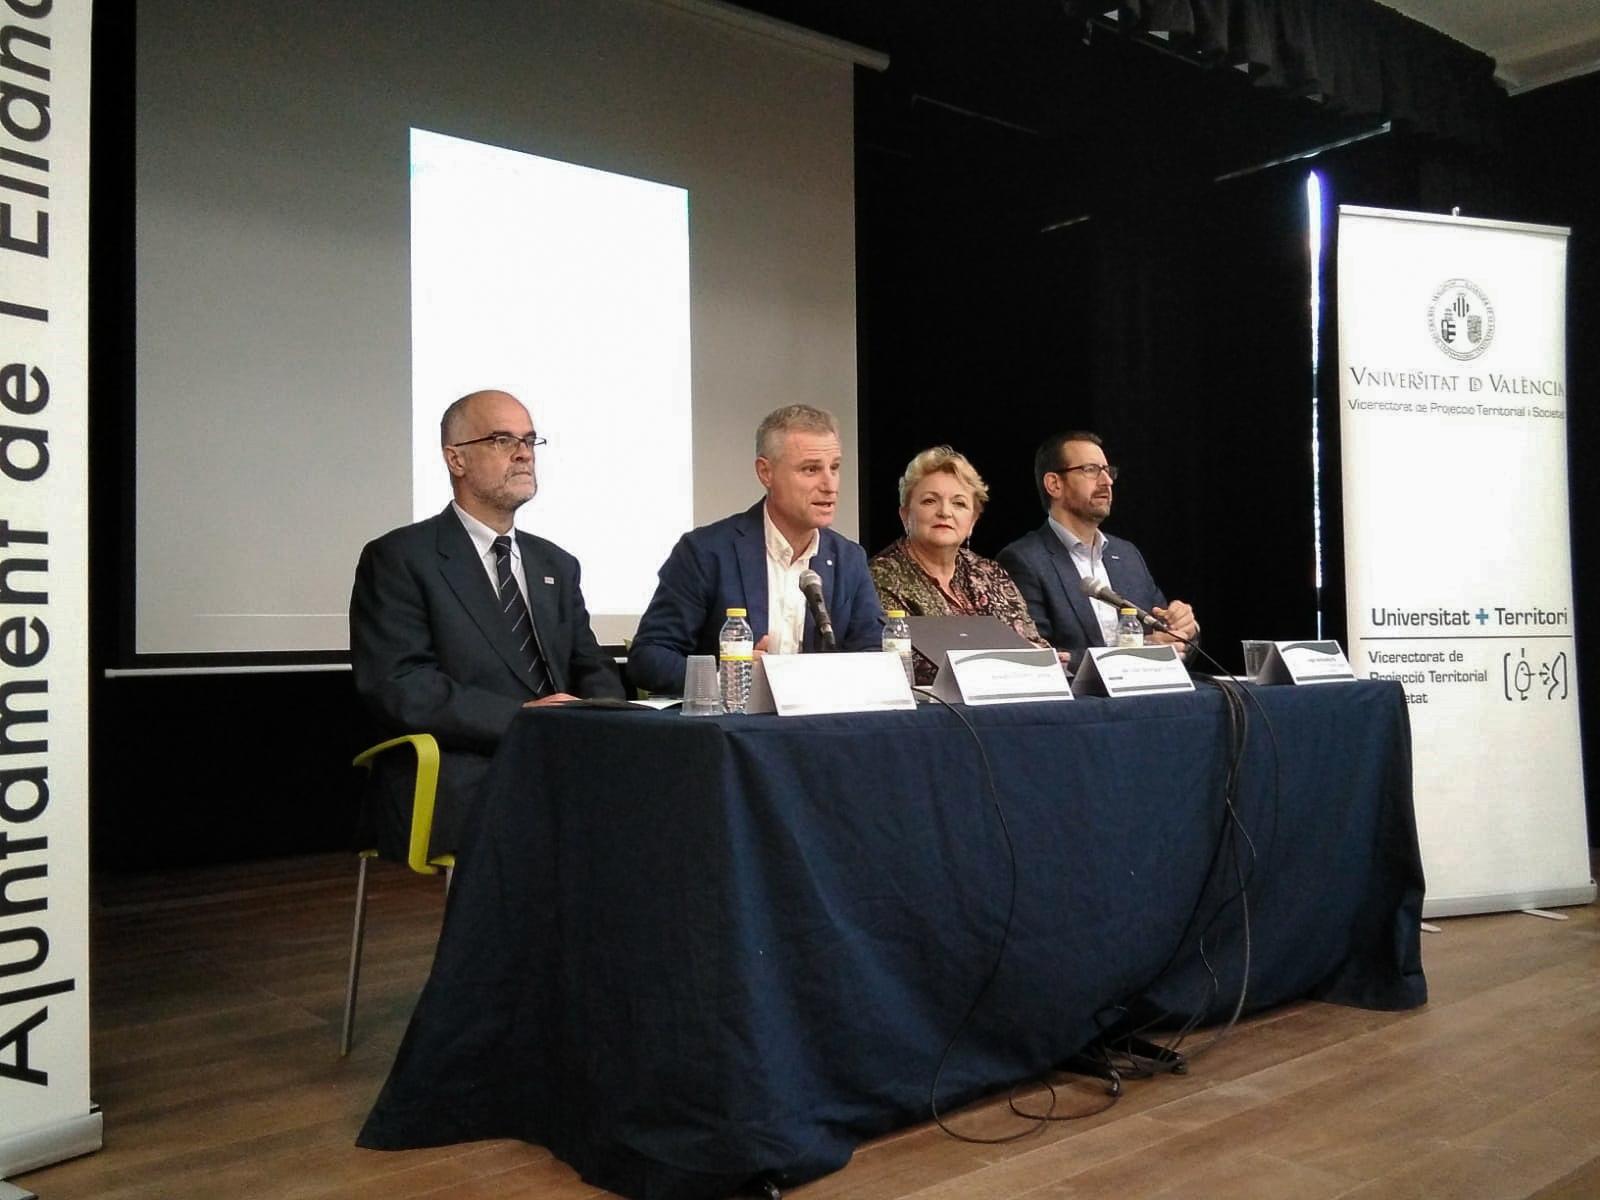 Diputada de Bienestar Social, Mercedes Berenguer, el alcalde de l´Eliana, Salvador Torrent y el vicerrector de Proyección Territorial y Sociedad de la UV, Jorge Hermosilla.